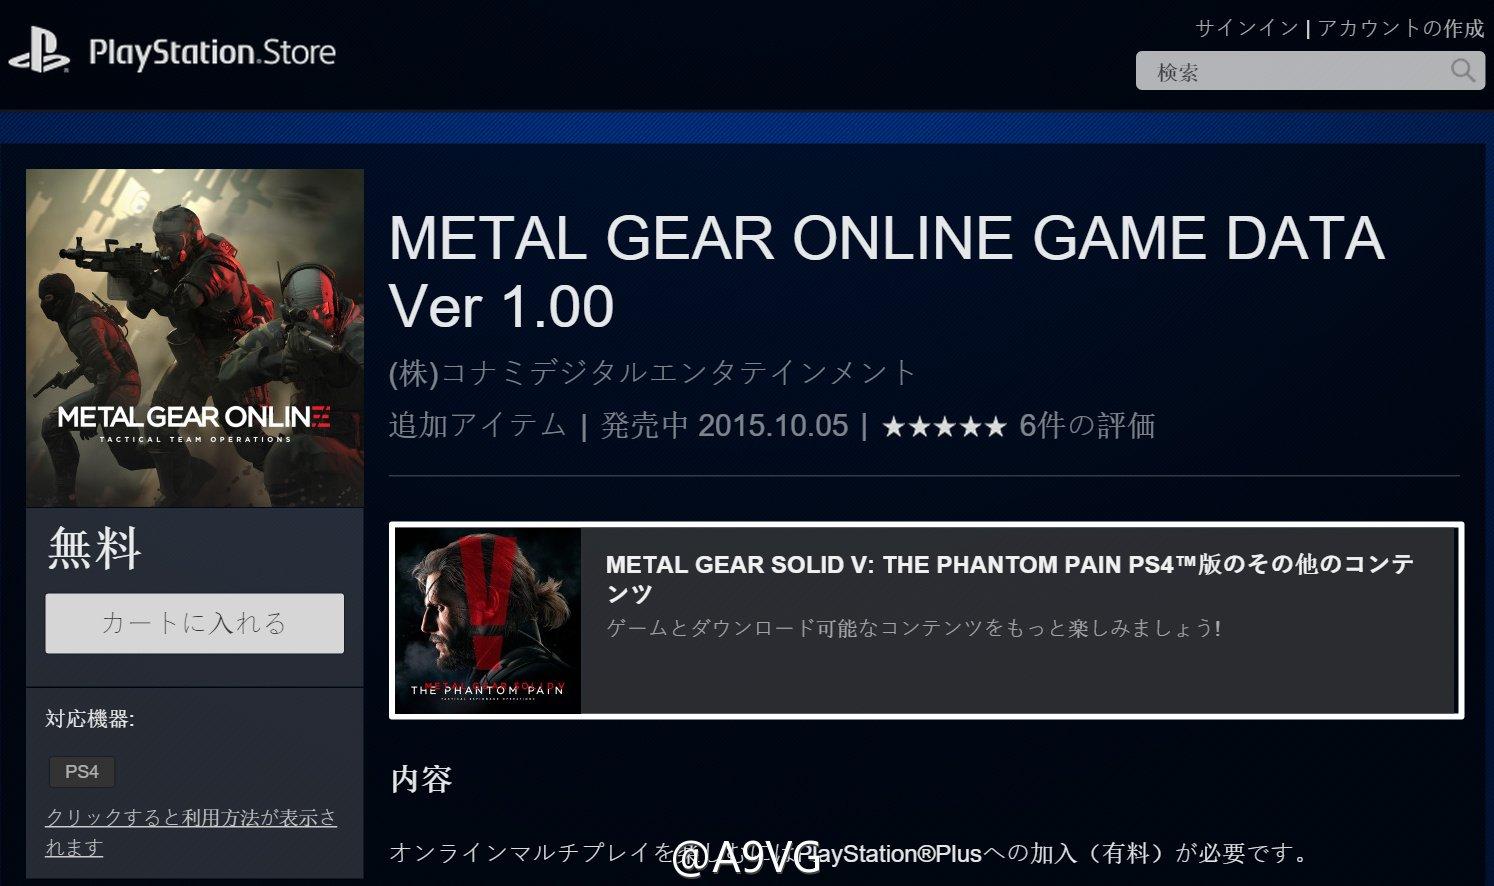 Metal Gear Online заработает с новым патчем MGS V: The Phantom Pain уже завтра, но не на ПК. - Изображение 1